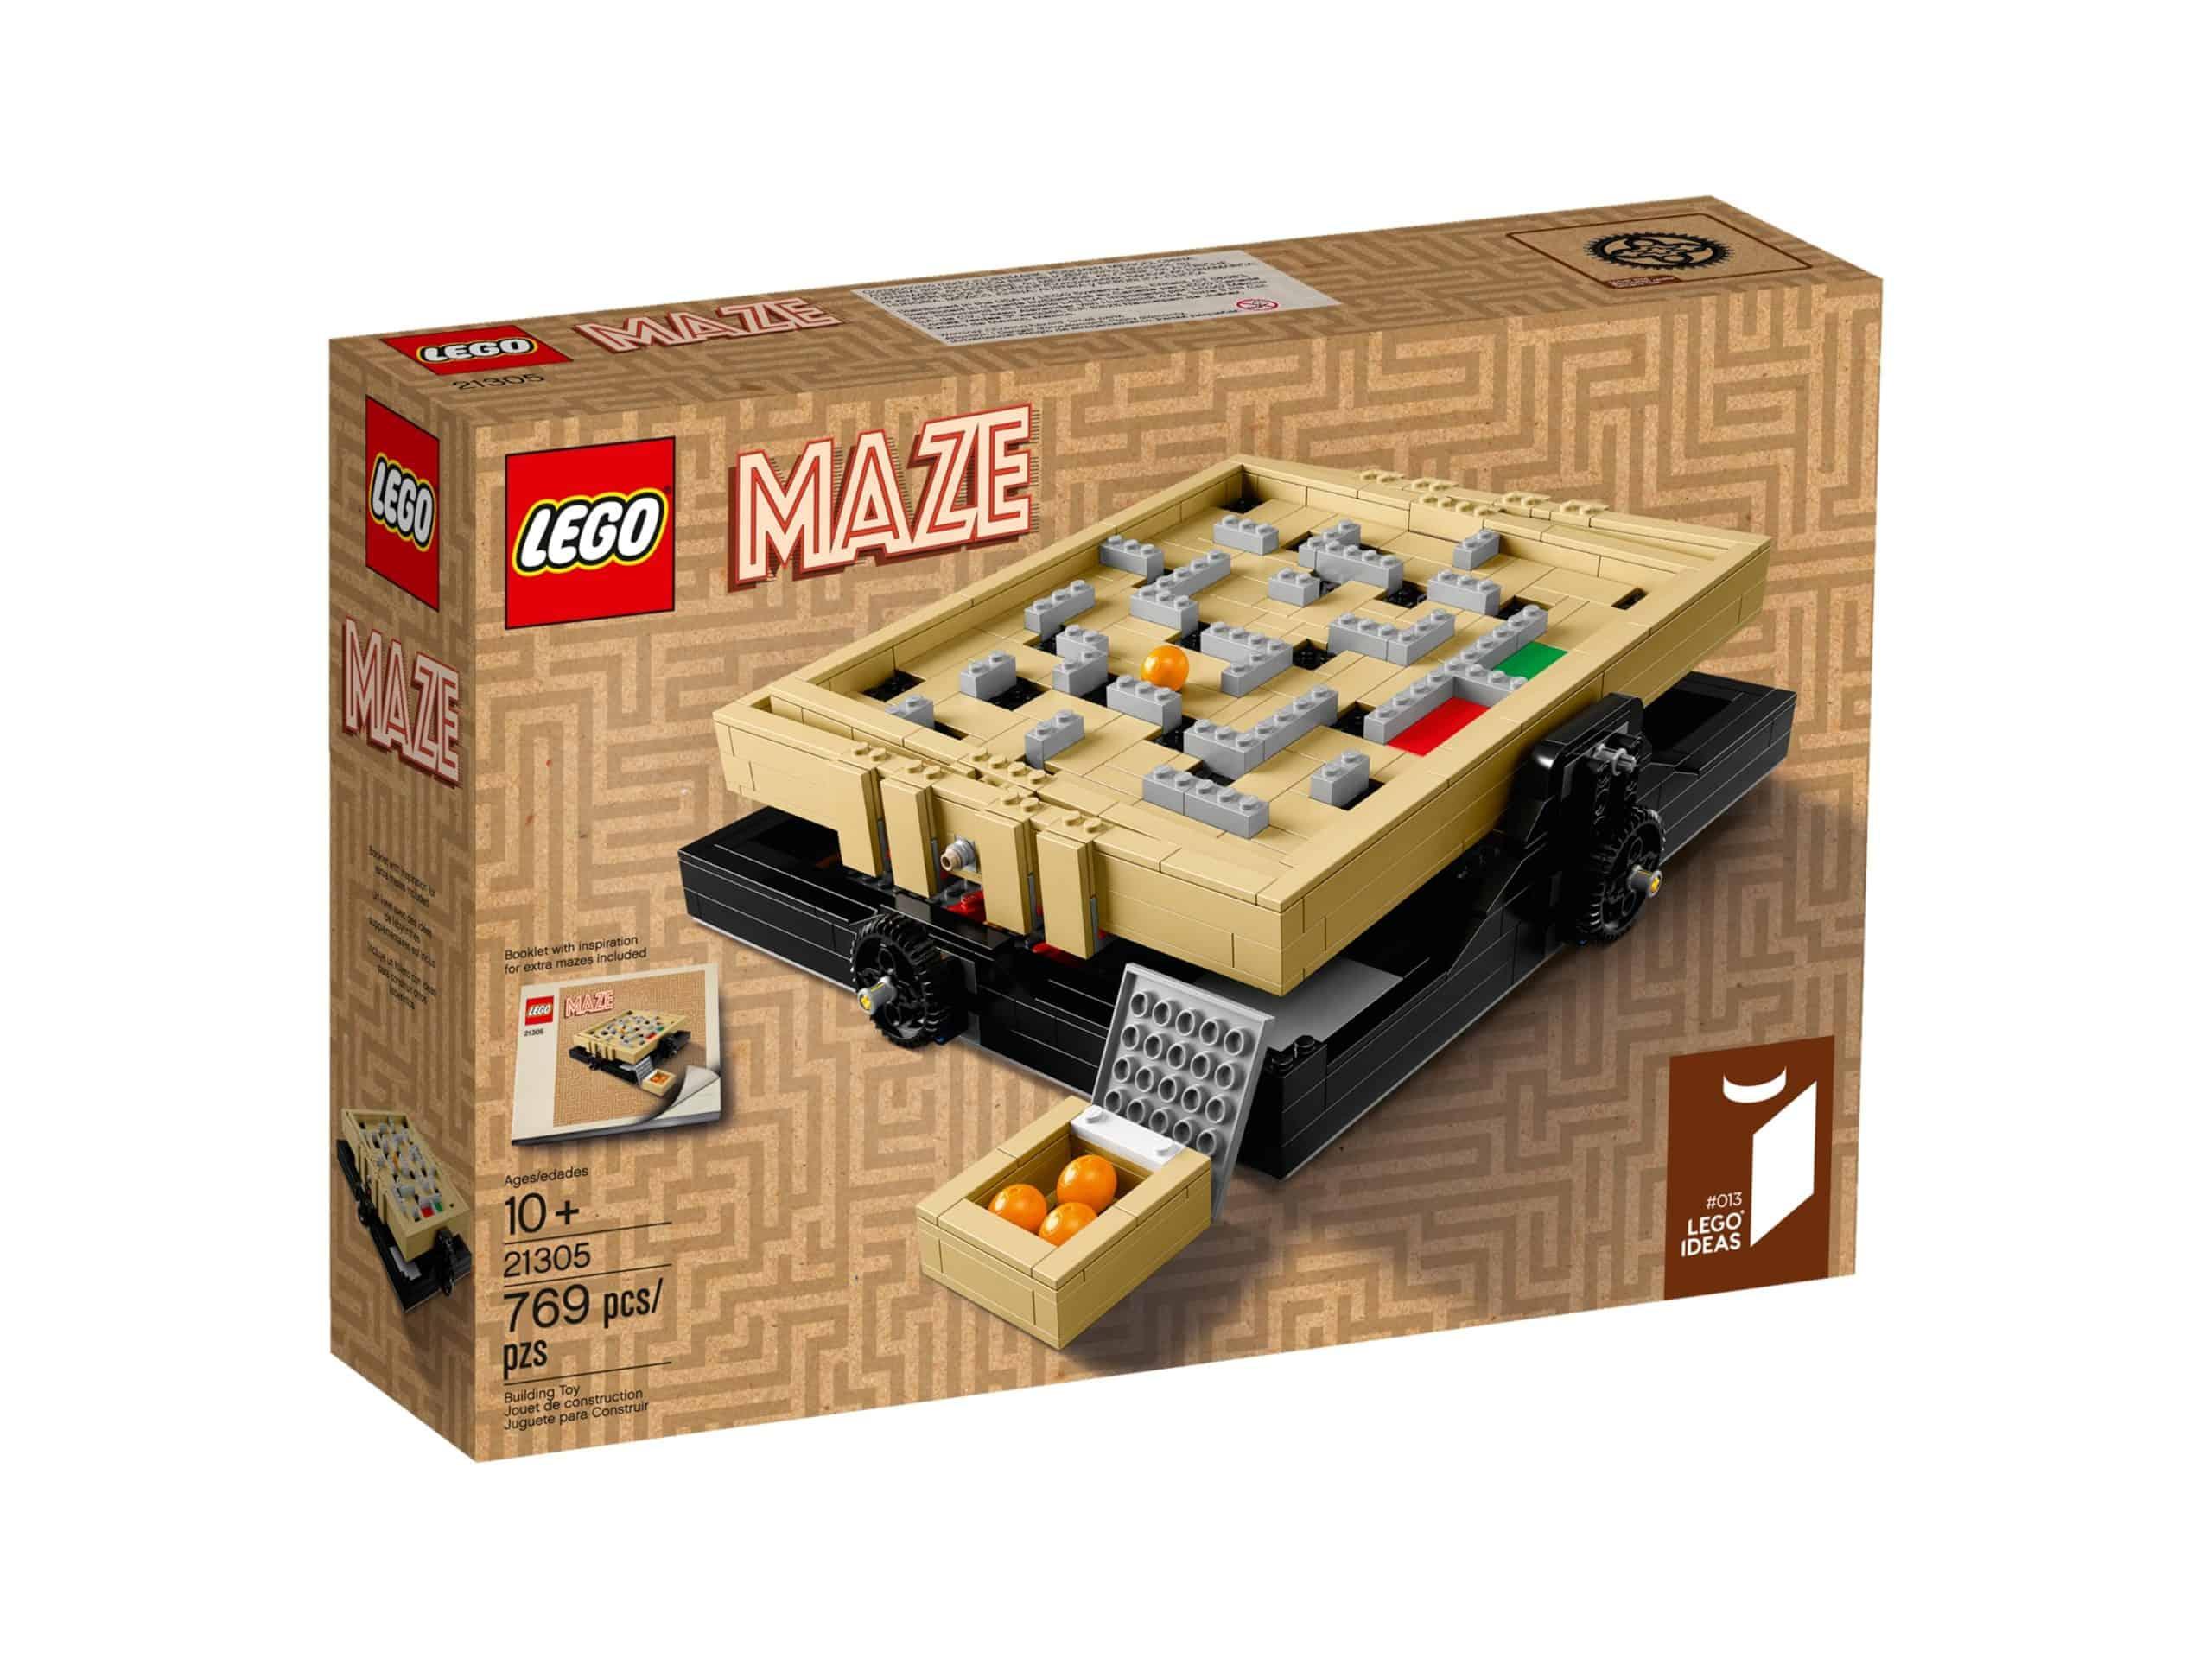 lego 21305 maze scaled